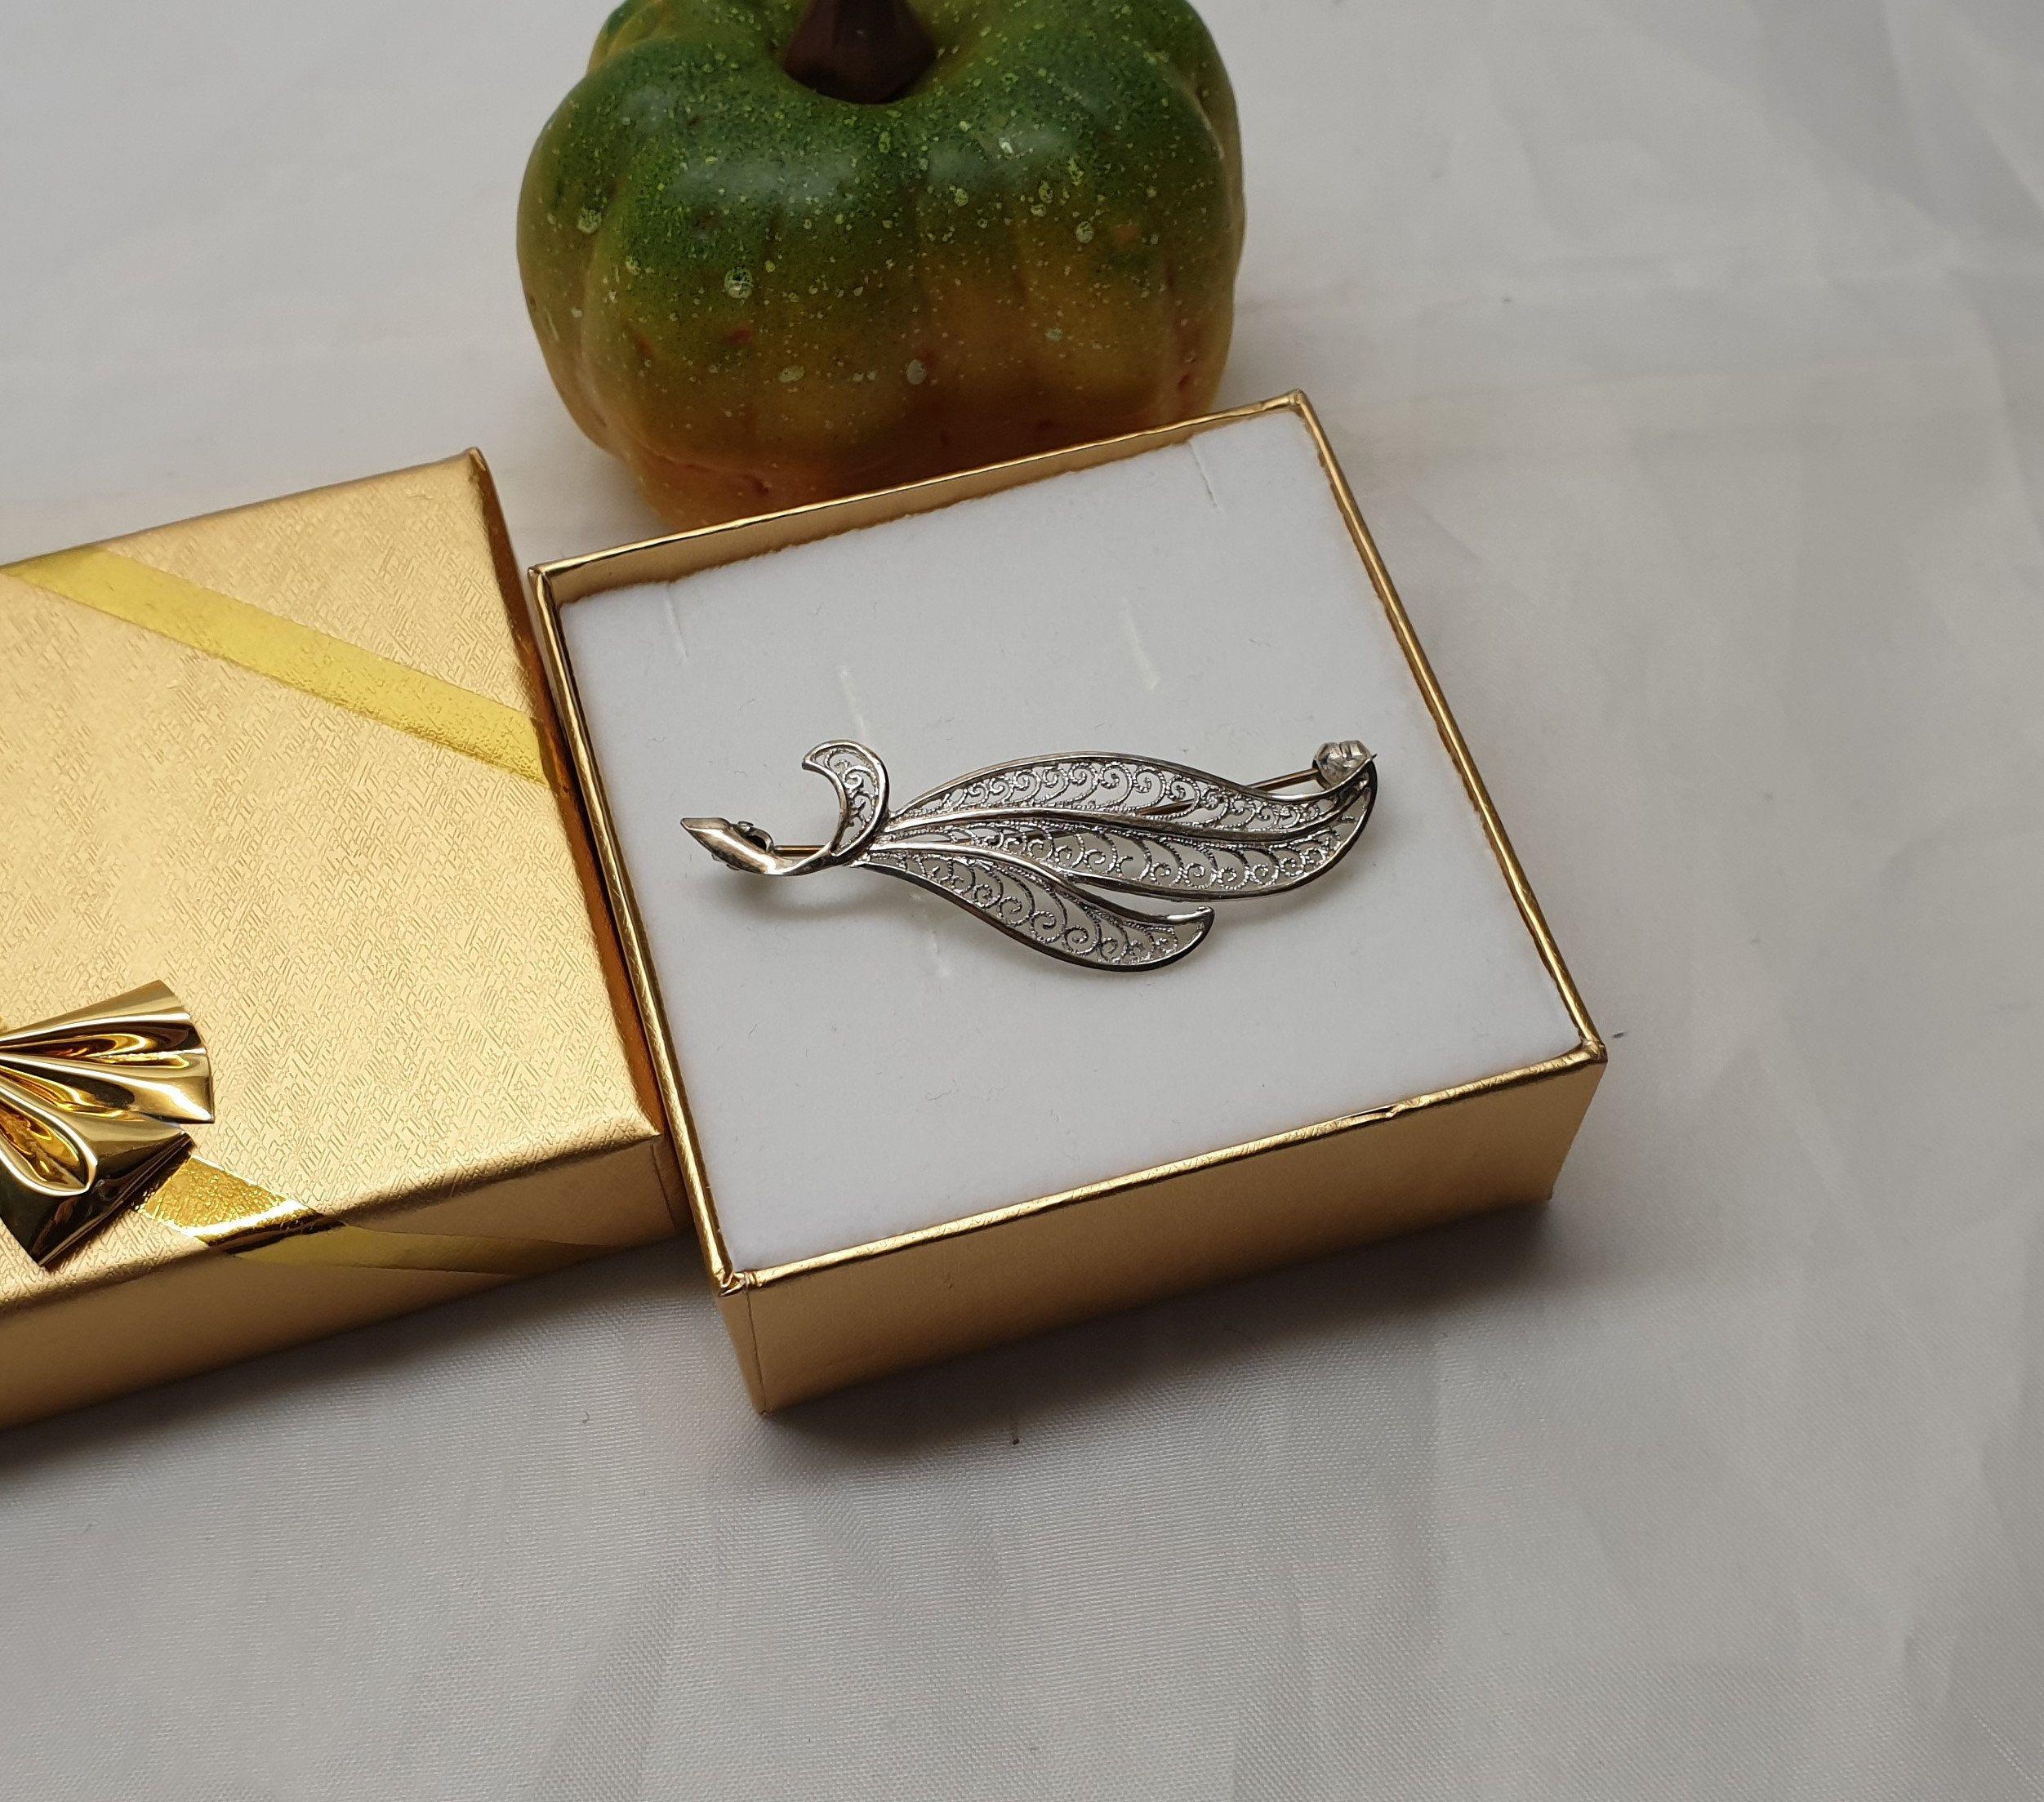 Brosche Anstecknadel Blatt silber Perle Nadel